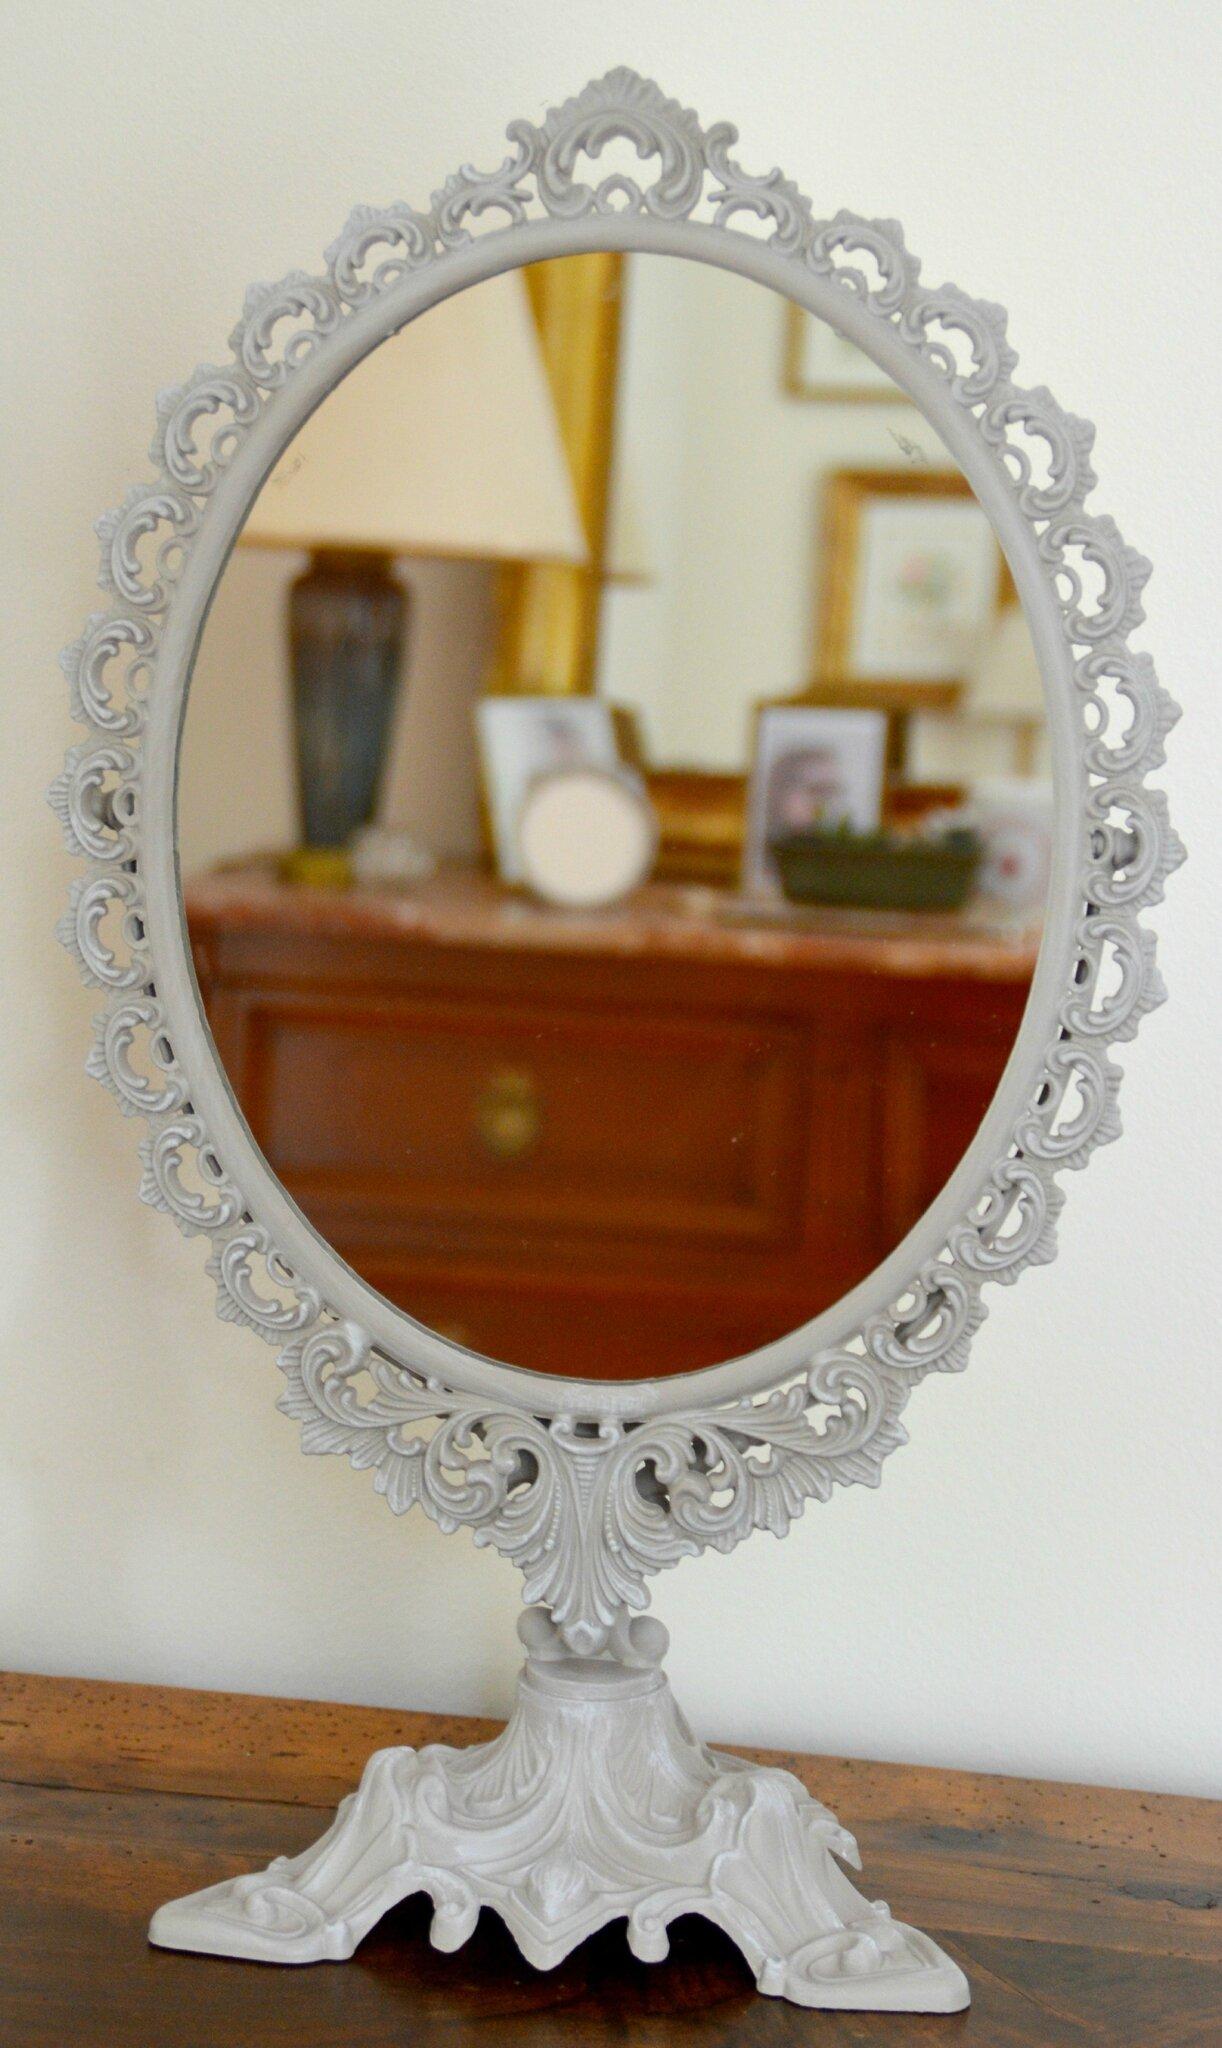 miroir psych retouche photo de chines brocantes atelier de la choisille. Black Bedroom Furniture Sets. Home Design Ideas